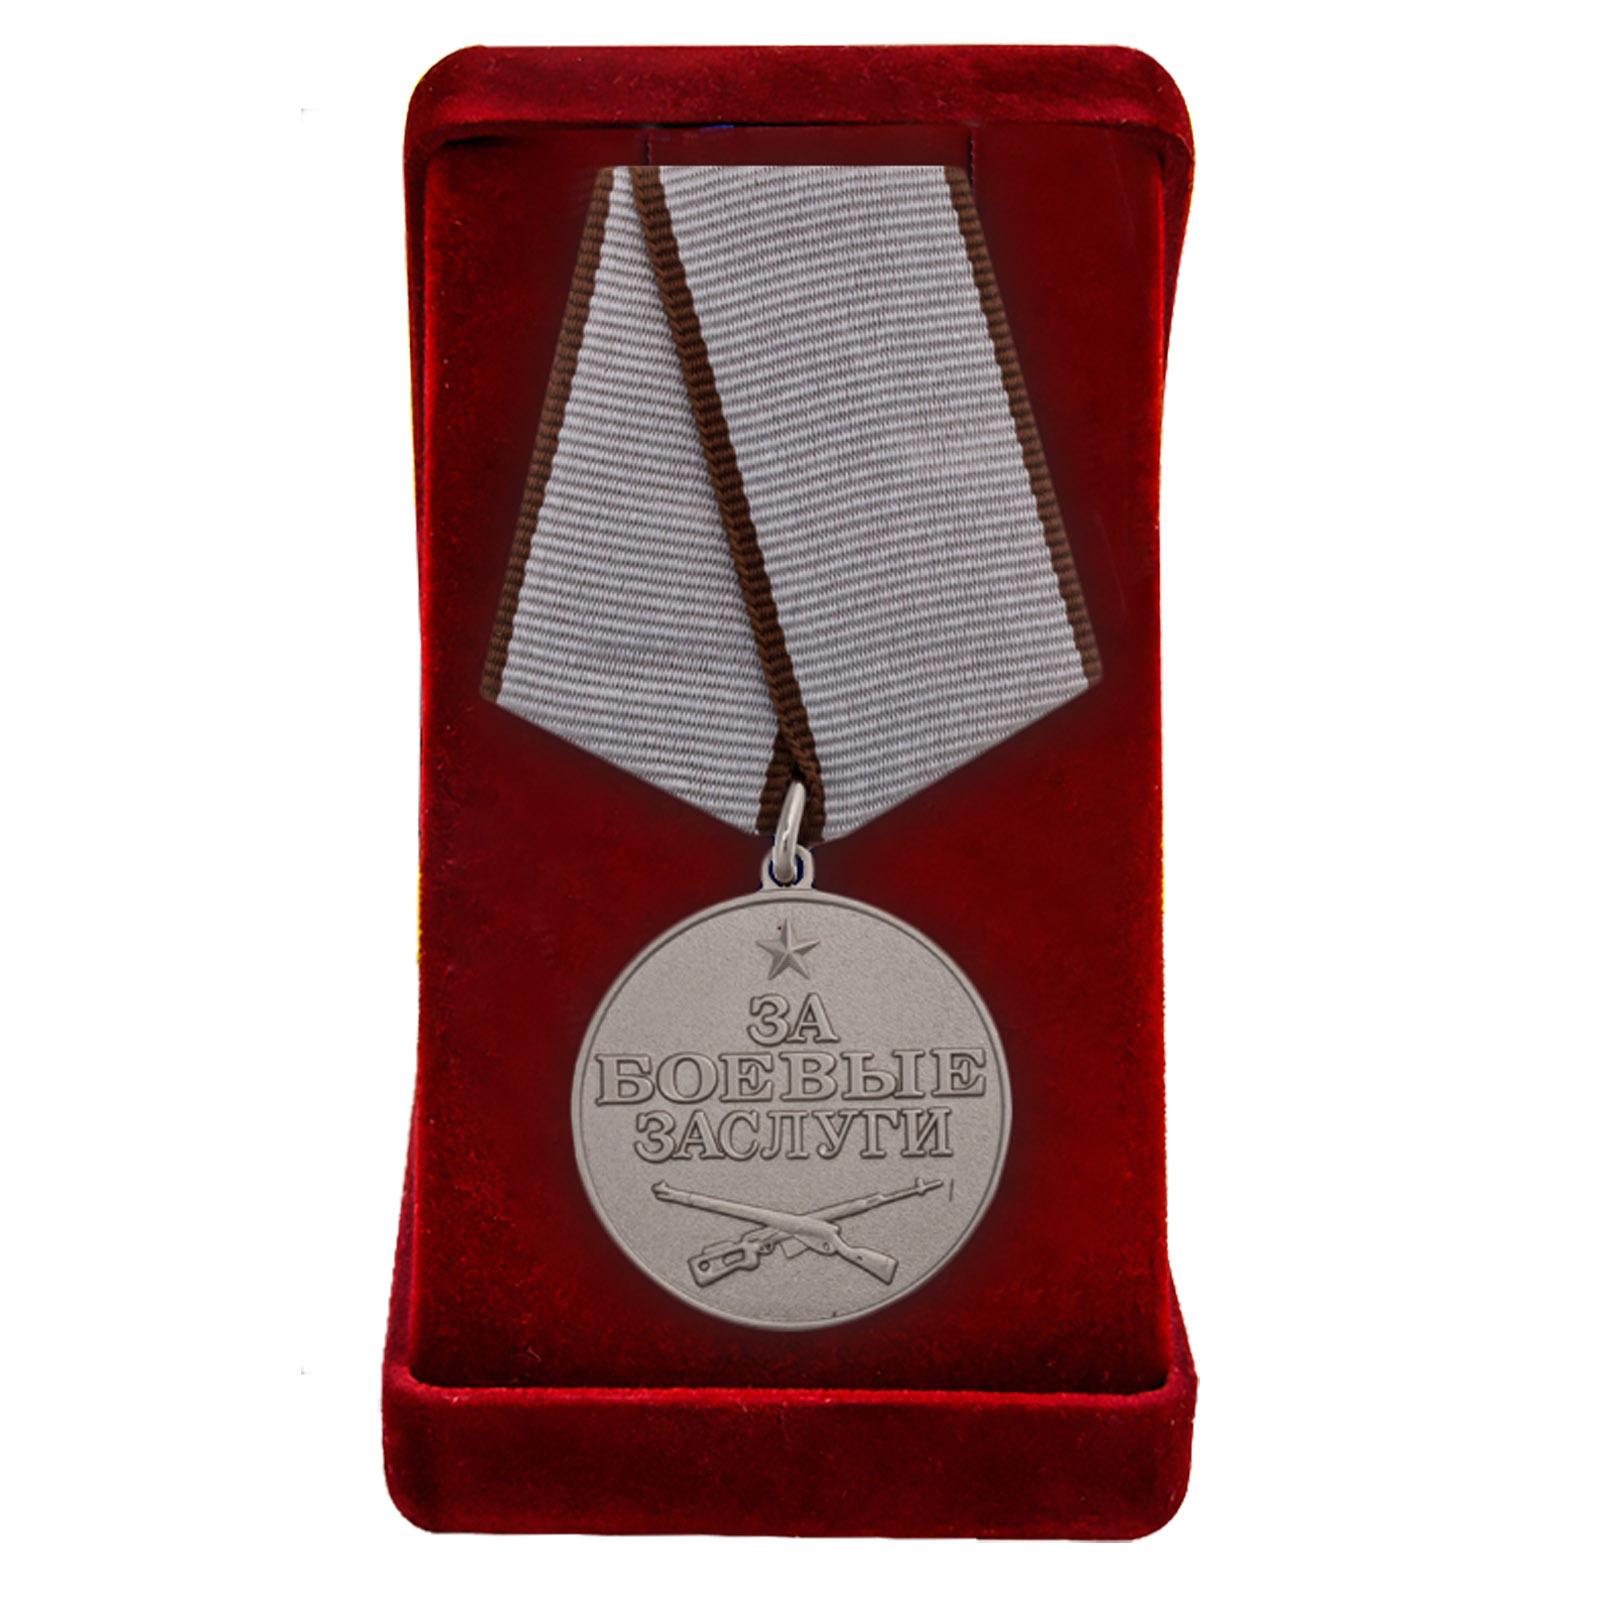 вышеуказанных все медали за боевые заслуги рф фото красотка